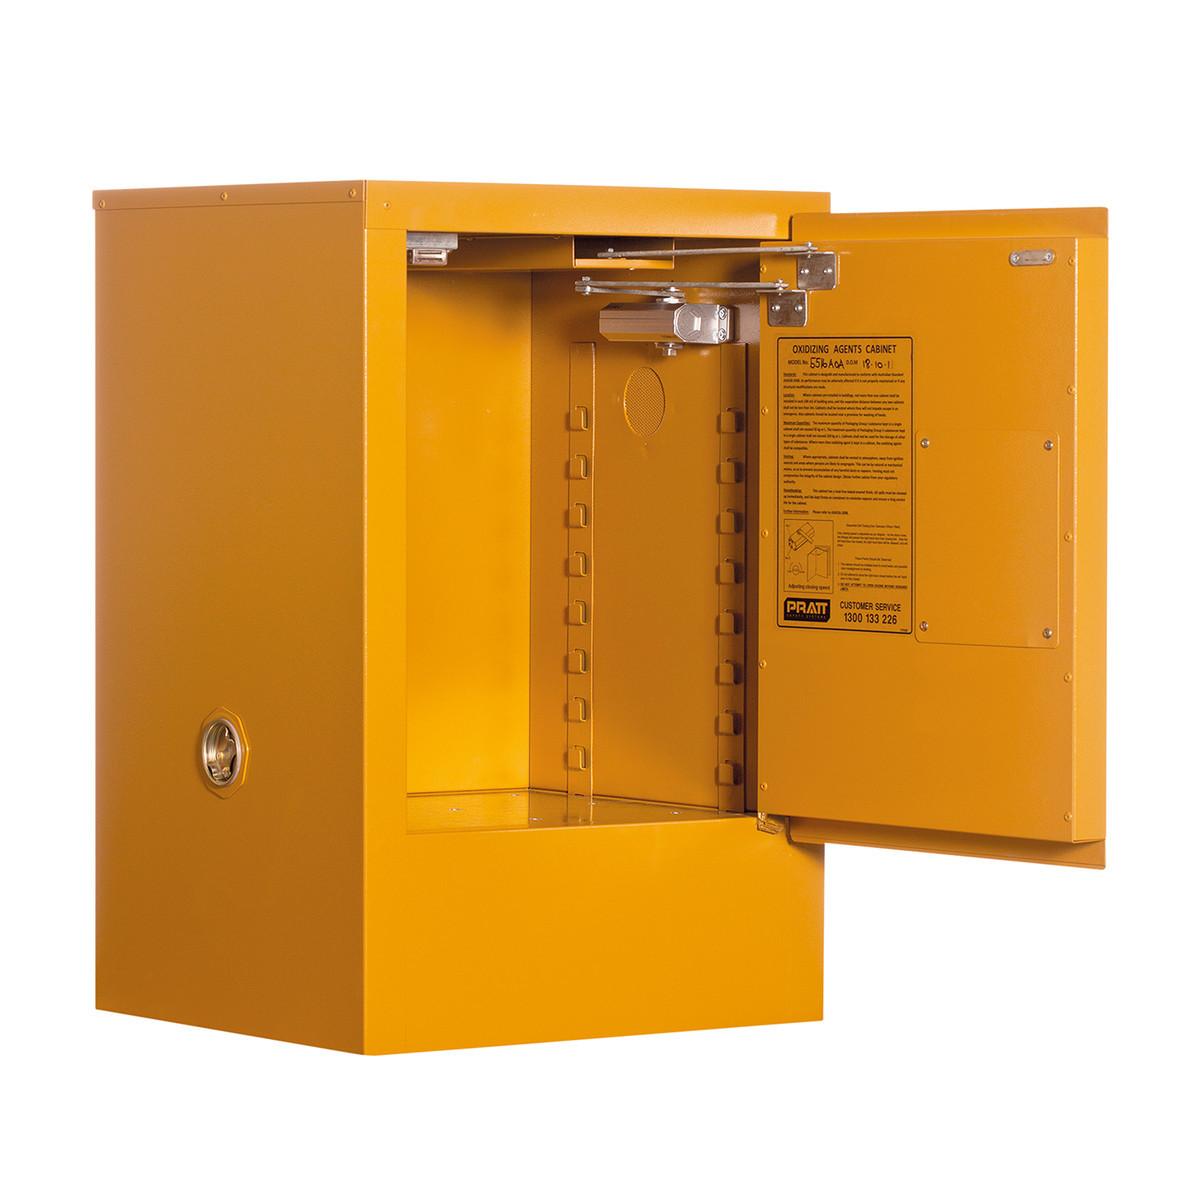 Class 4 Dangerous Goods Storage Cabinet 30 Liters - 1 Door, 1 Shelf